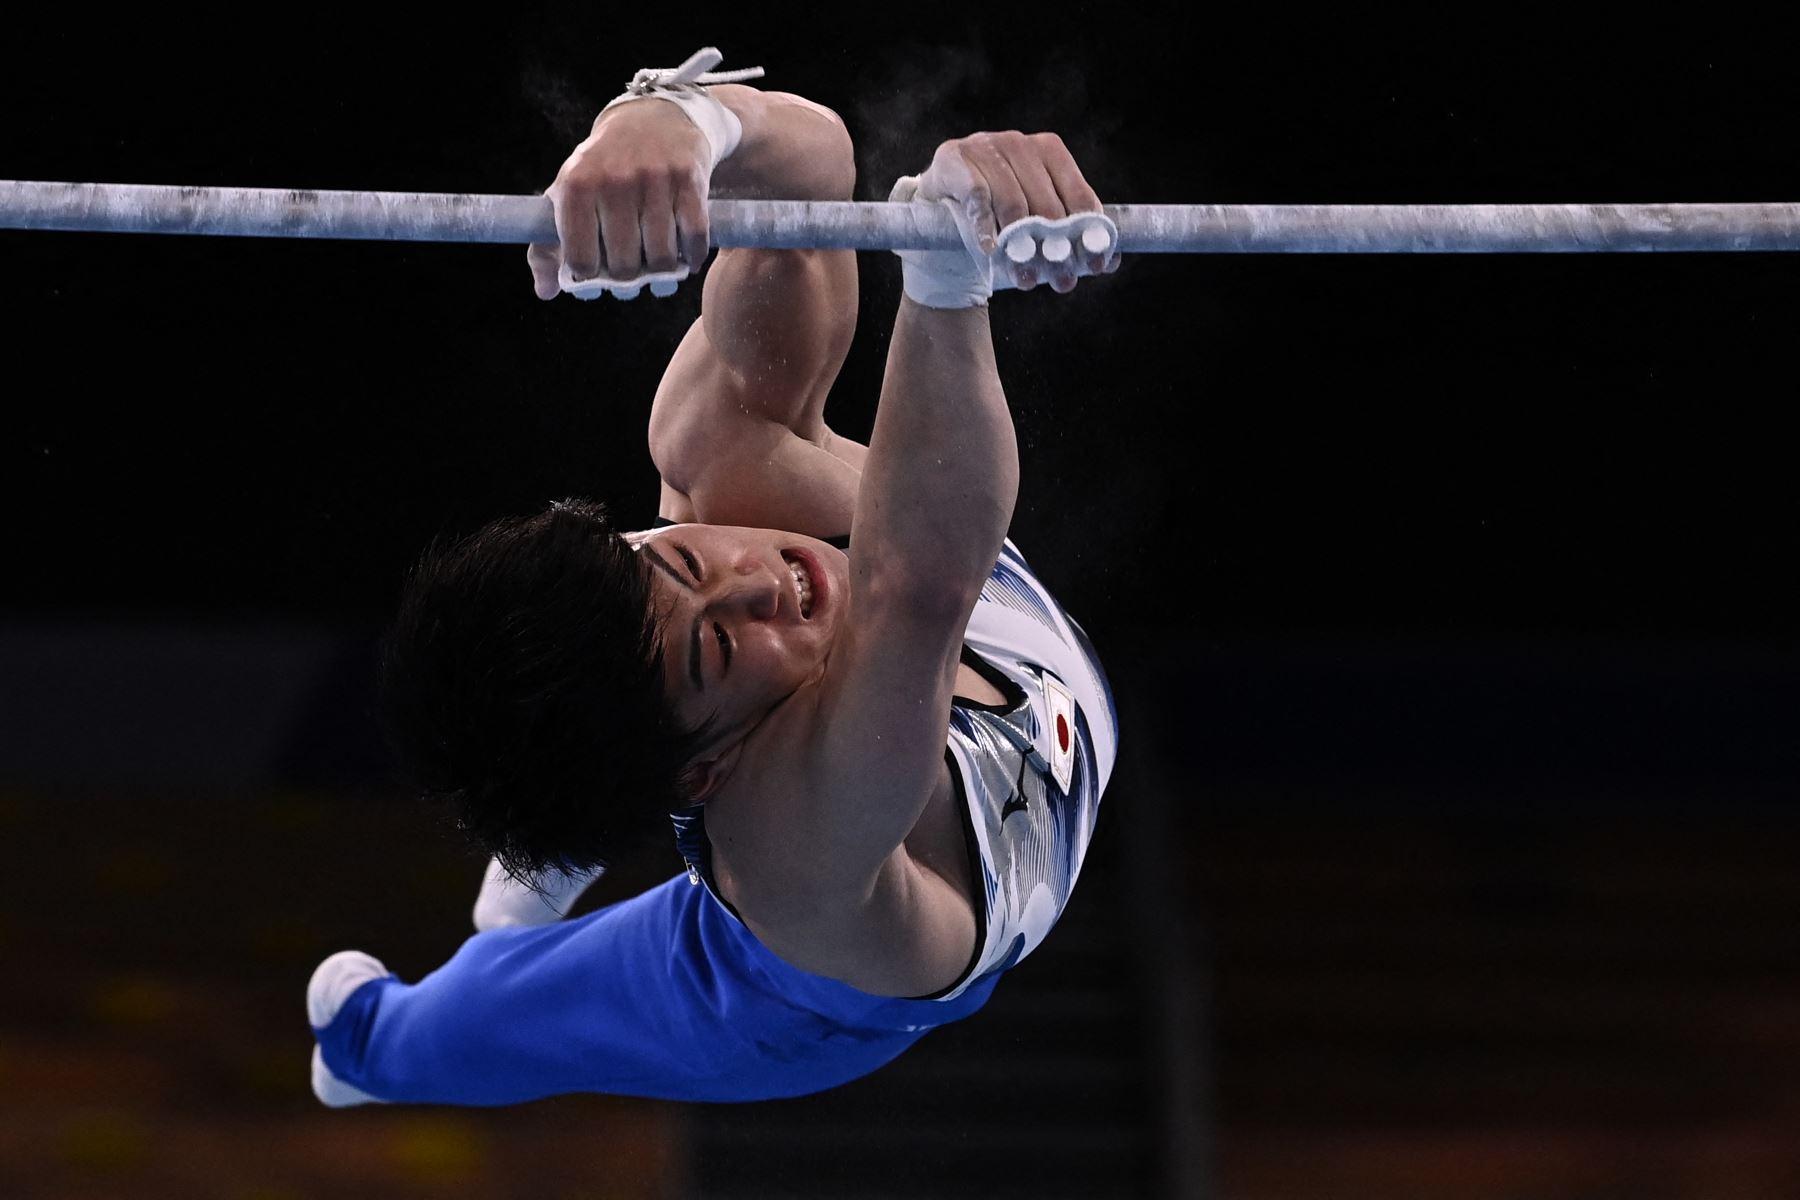 Daiki Hashimoto de Japón compite en la final de barra horizontal masculina de gimnasia artística de los Juegos Olímpicos de Tokio 2020.  Foto: AFP